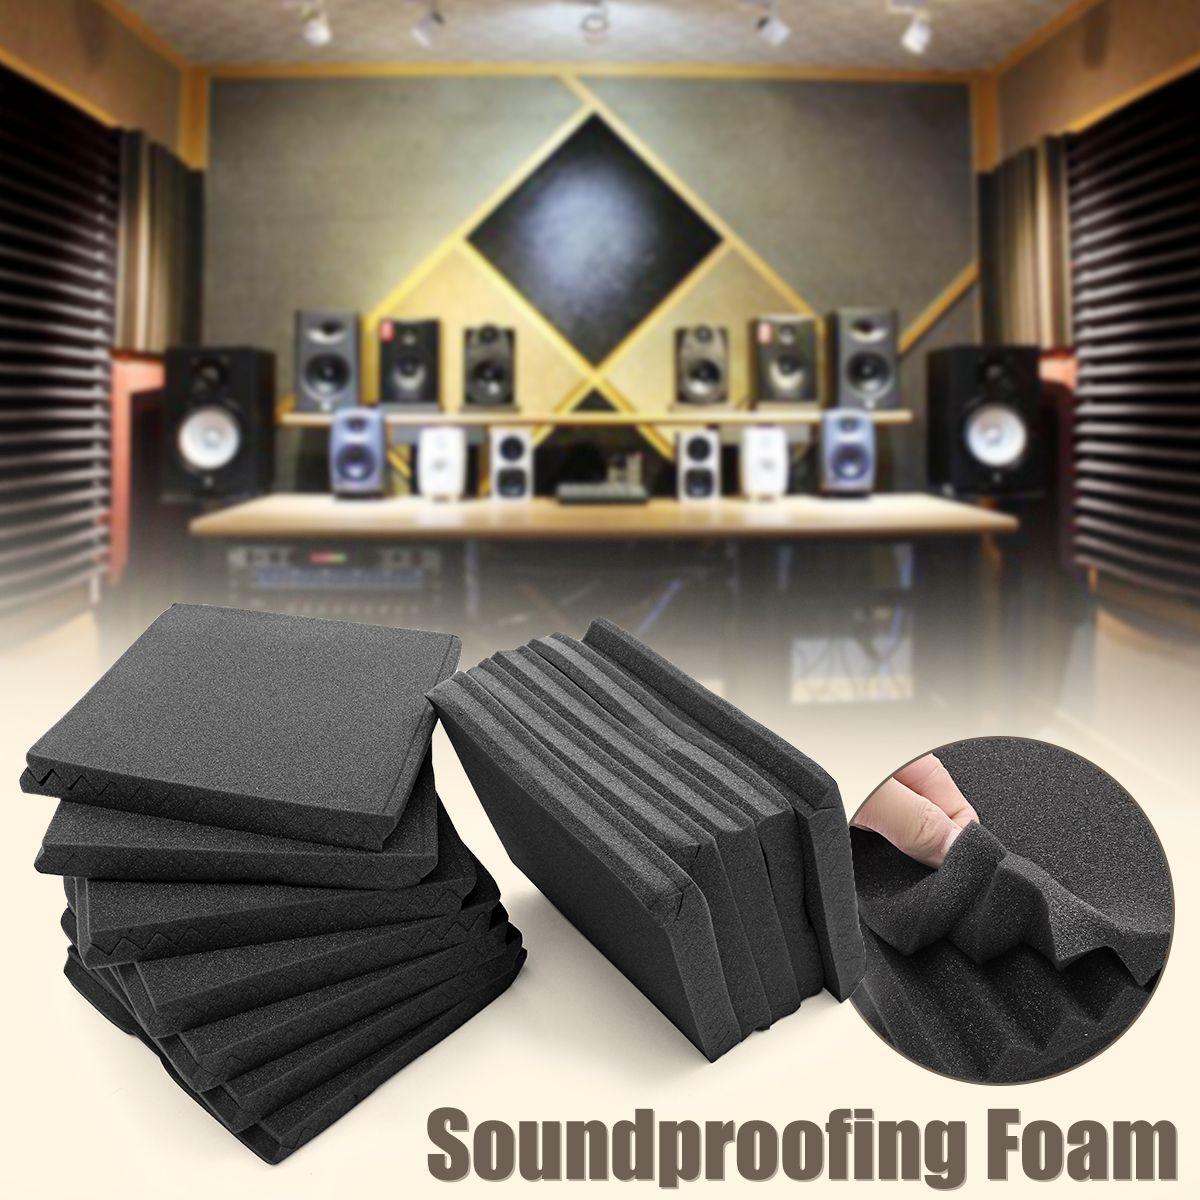 24Pcs 30x30cm Soundproofing Foam Acoustic Foam Sound Treatment Studio Room Noise Absorption Wedge Tiles Polyurethane Foam